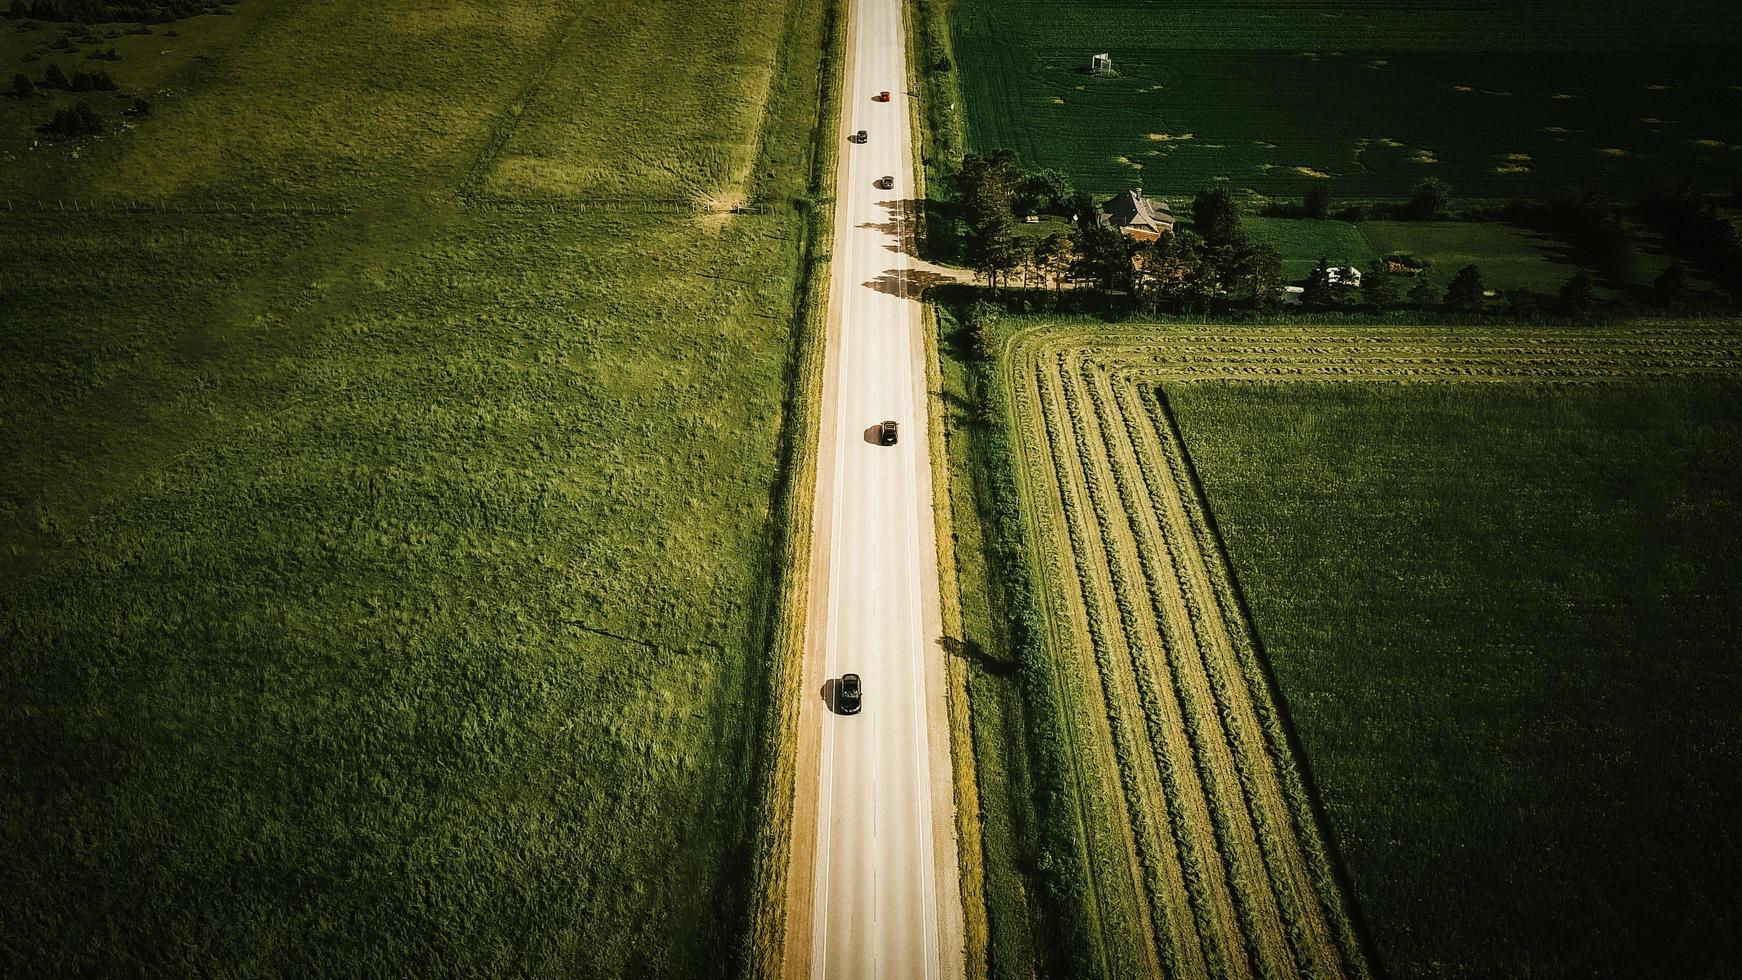 Luftaufnahme der grünen Wiese foto